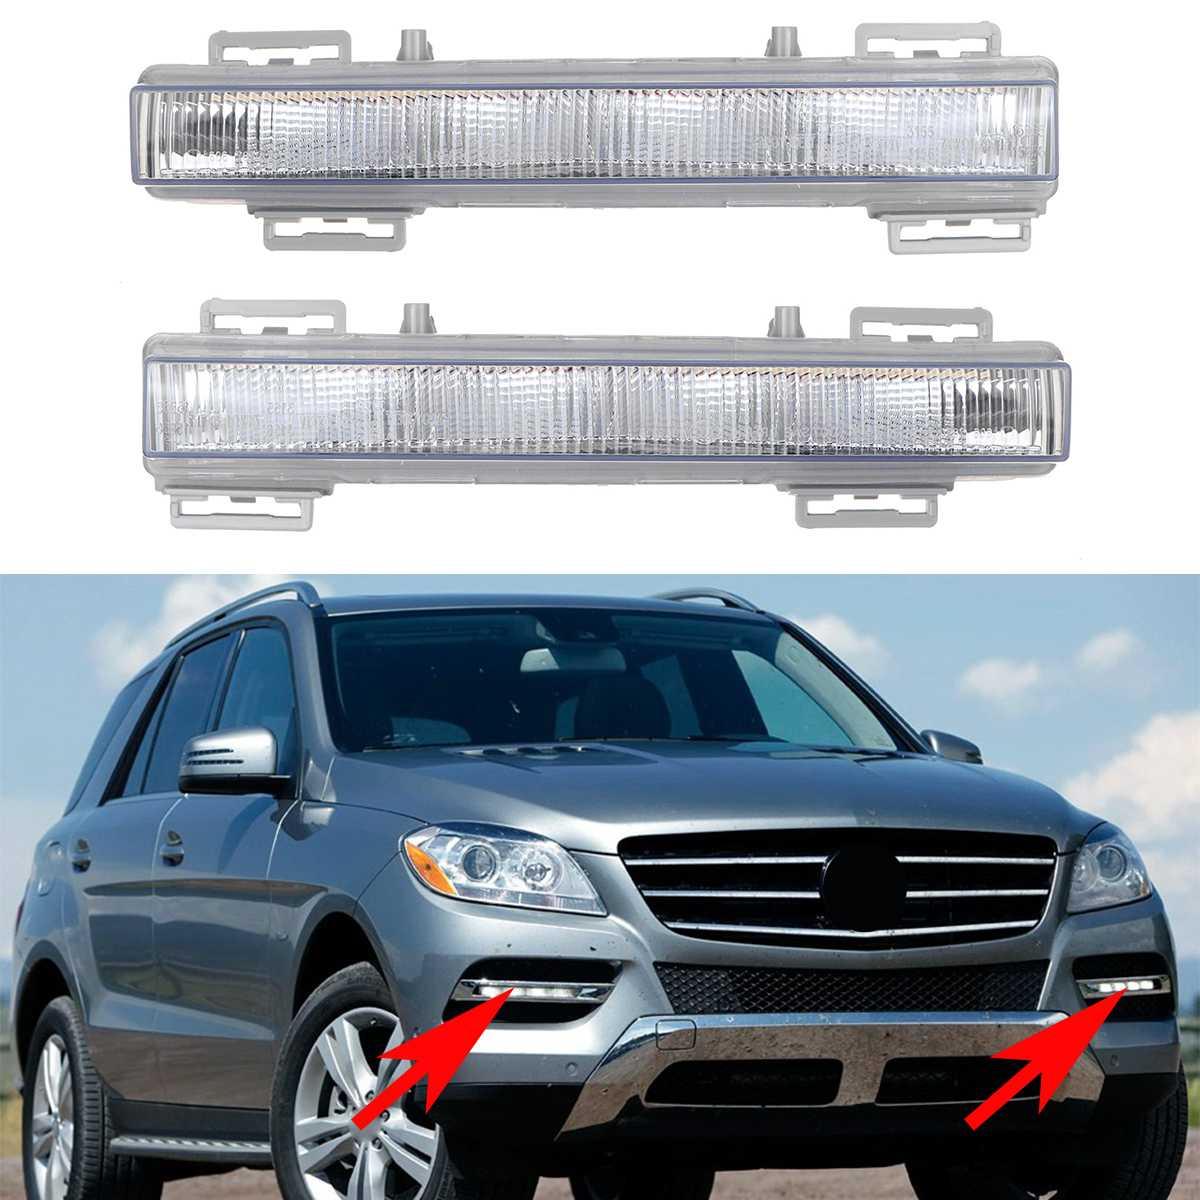 Светодиодные автомобисветодиодный передние дневные ходовые огни DRL, противотуманные фары для Mercedes Benz W166 ML350 ML400 X204 GLK350 2012-2015 2049065501, 2 шт.